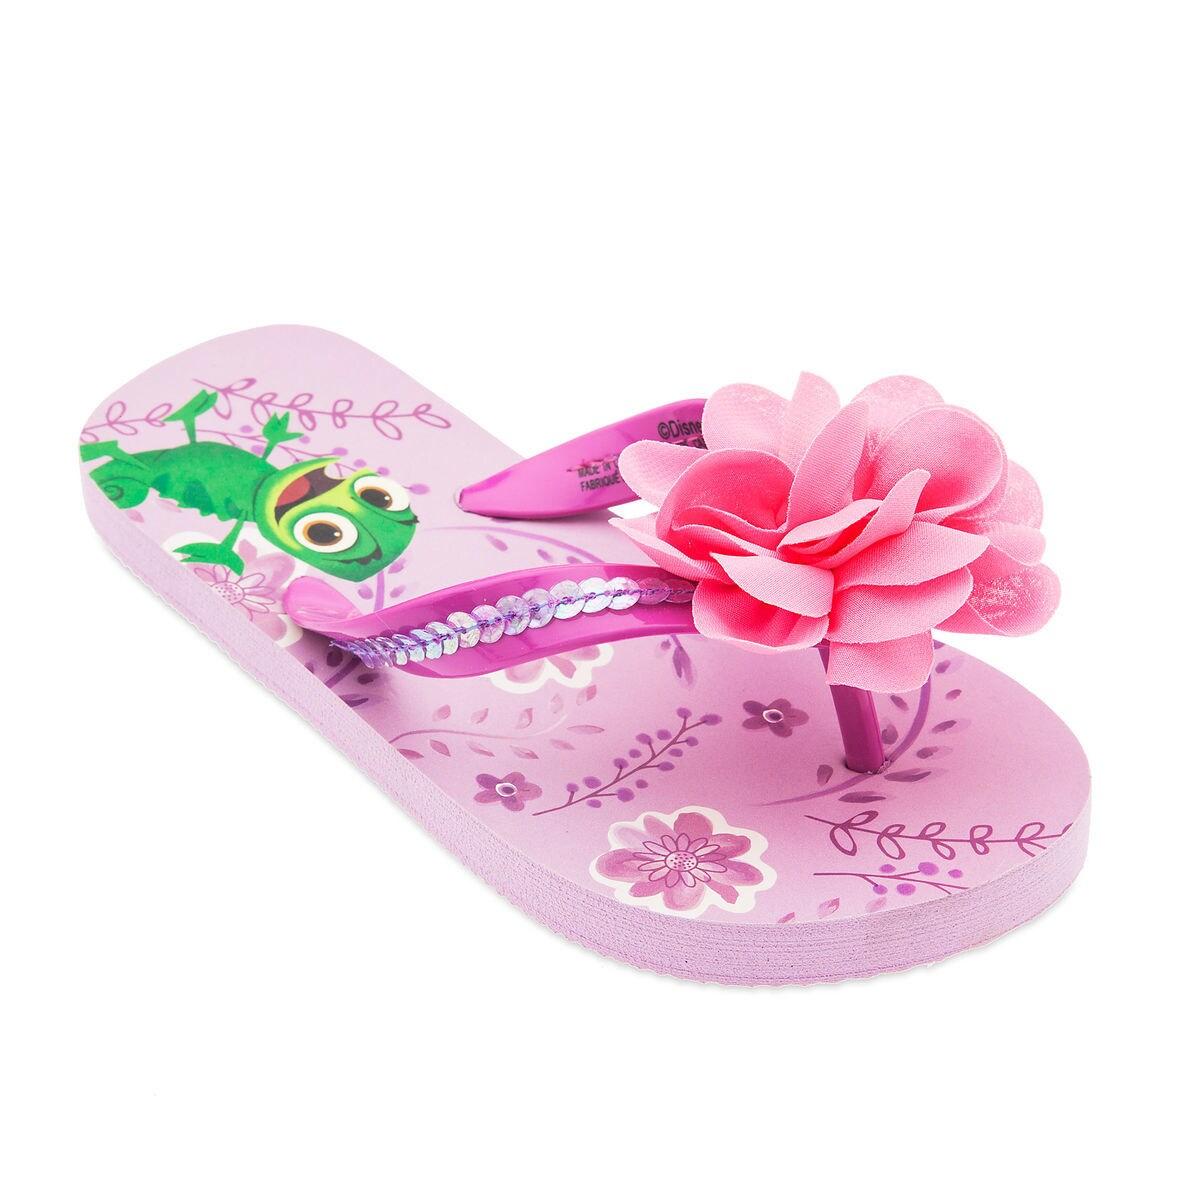 5c22ff5c7b492 Product Image of Rapunzel Flip Flops for Kids   1